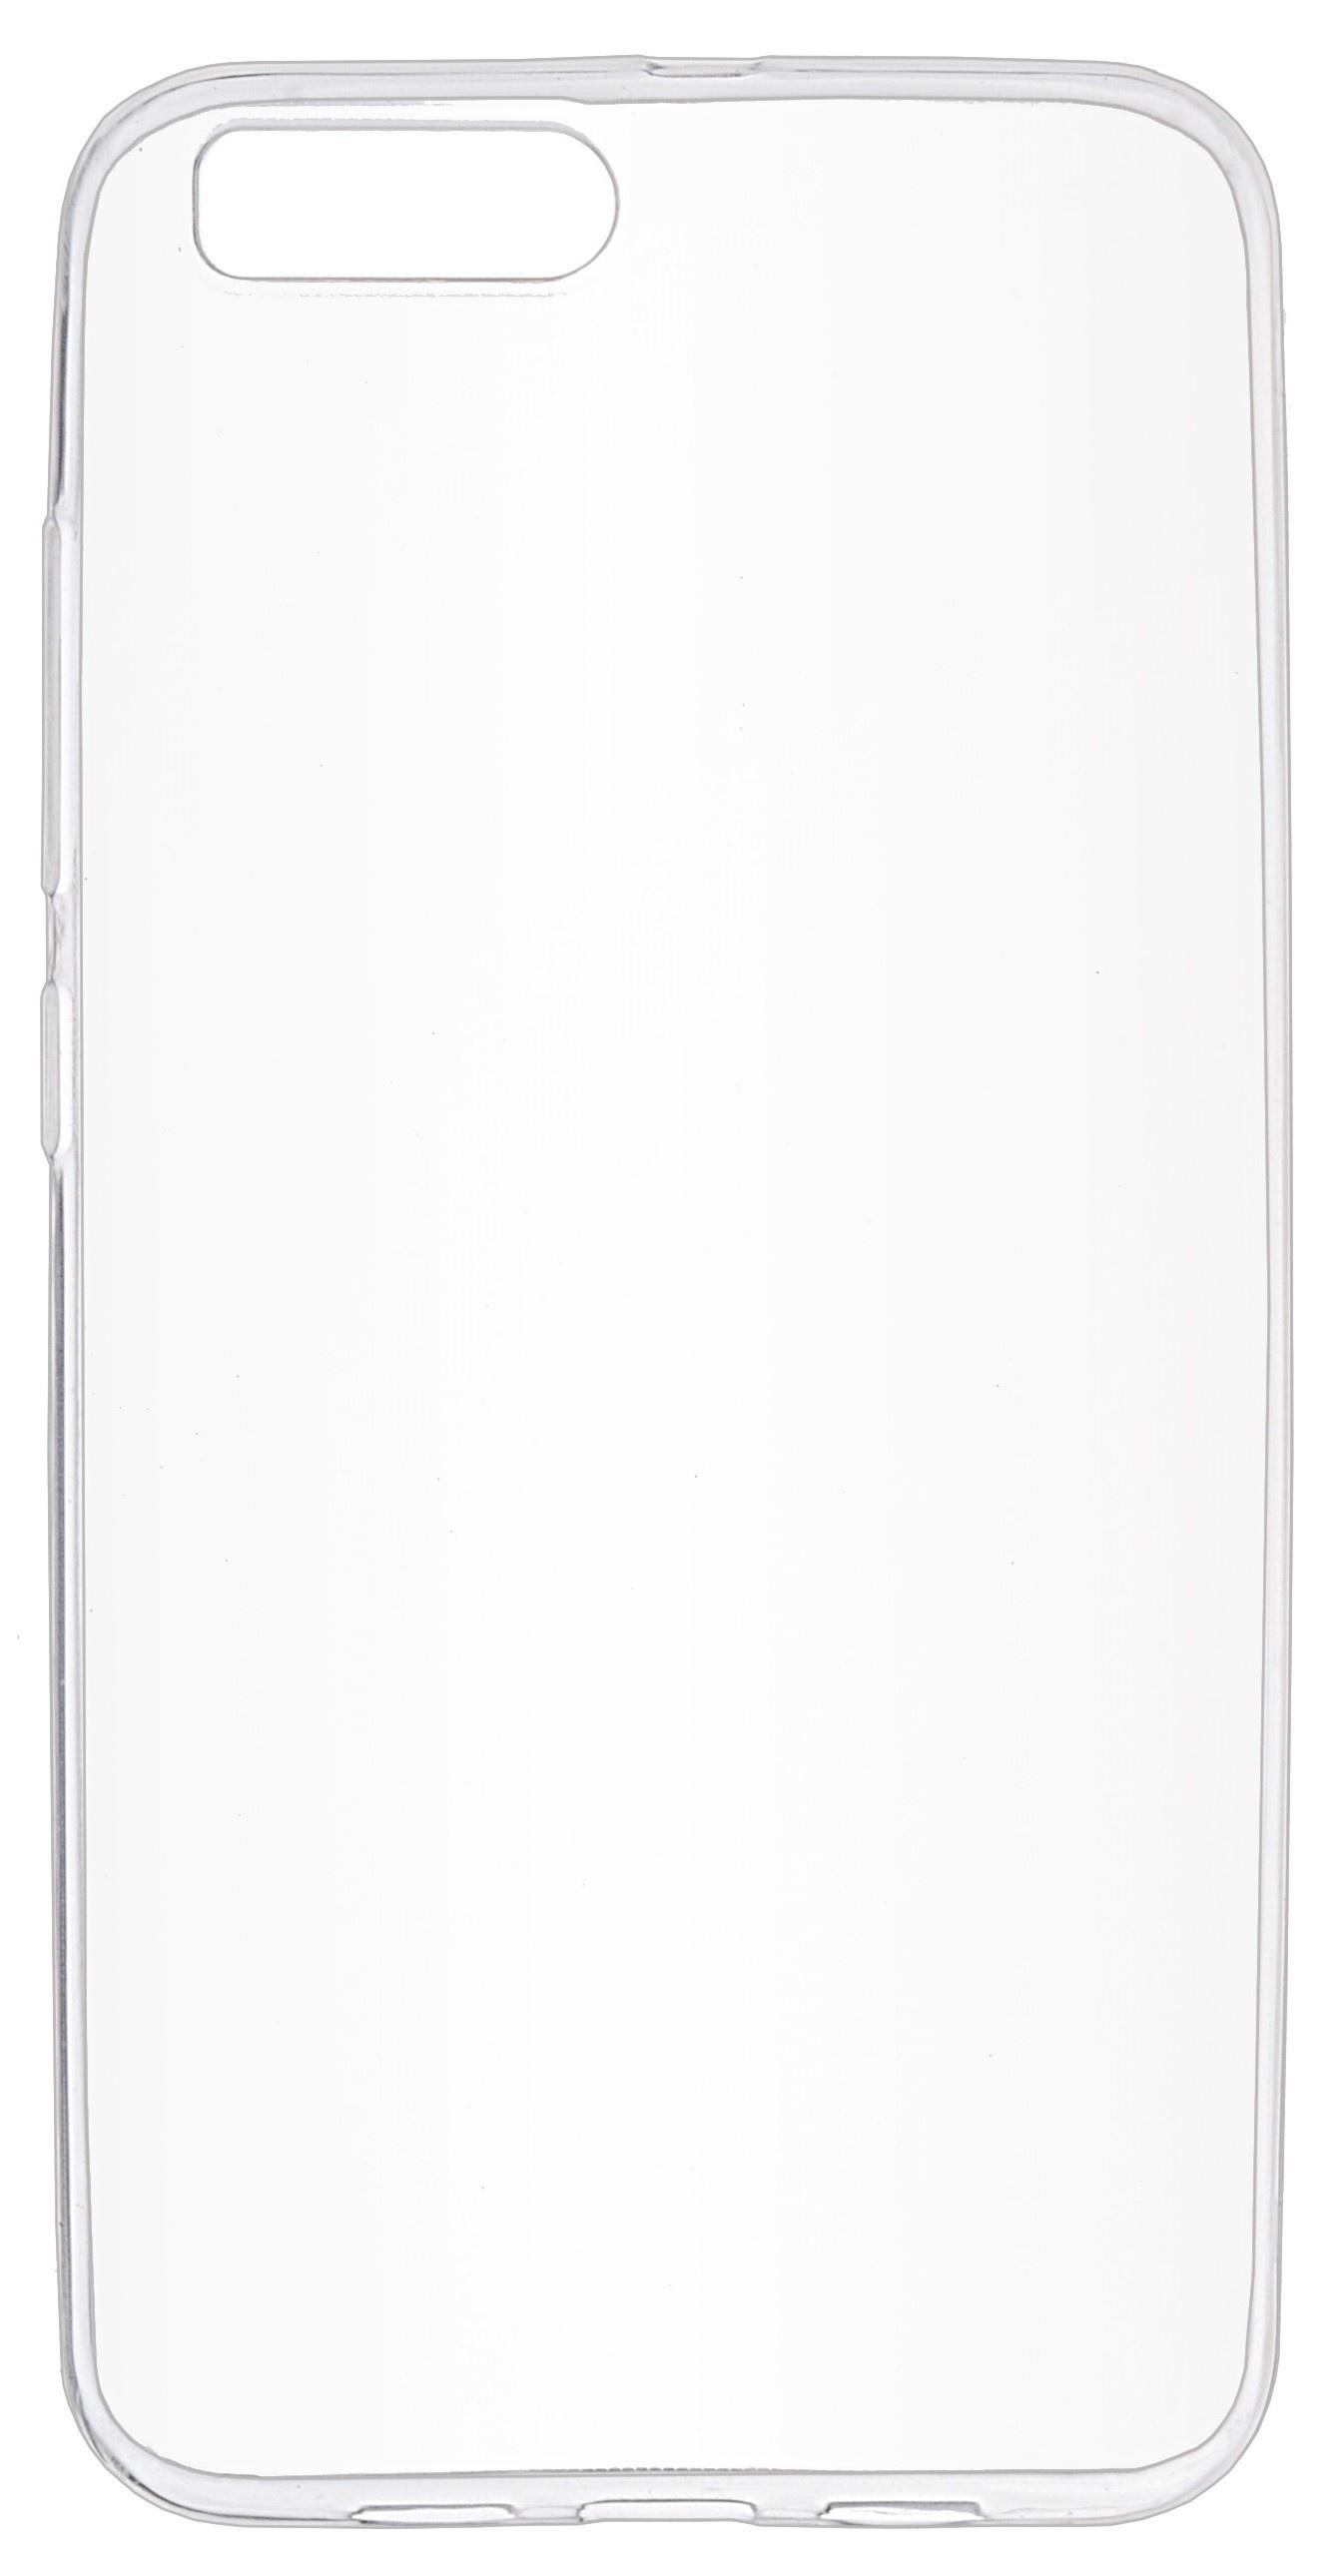 Чехол для сотового телефона skinBOX Slim Silicone, 4630042529717, прозрачный чехол для lenovo vibe c2 k10a40 skinbox 4people case черный